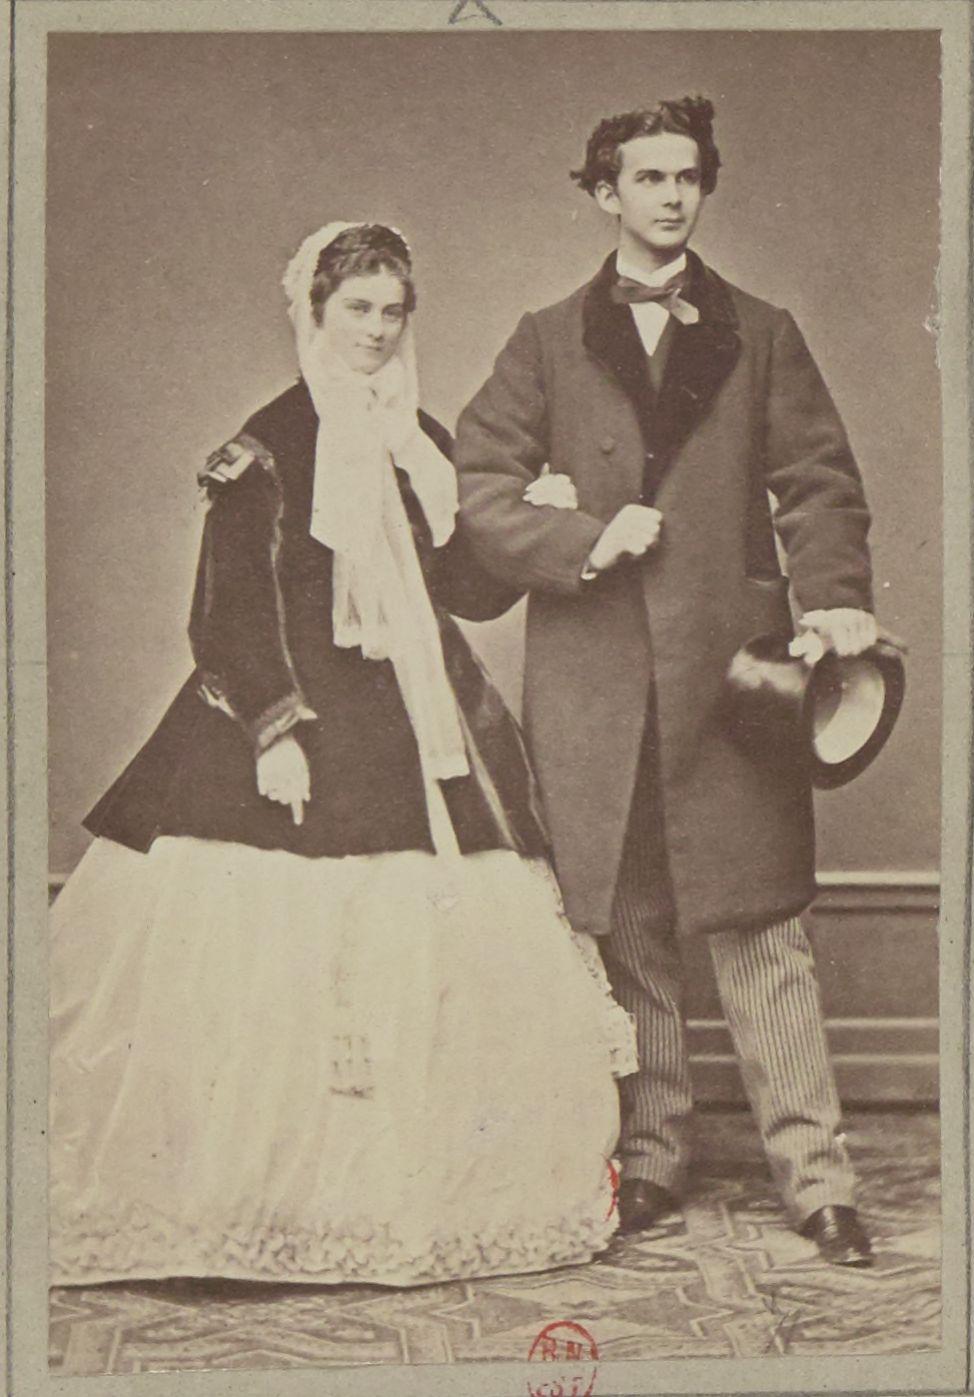 1864. Людвиг II Баварский (25 августа 1845, Мюнхен — 13 июня 1886, Штарнбергер-Зе) с Софией Баварской